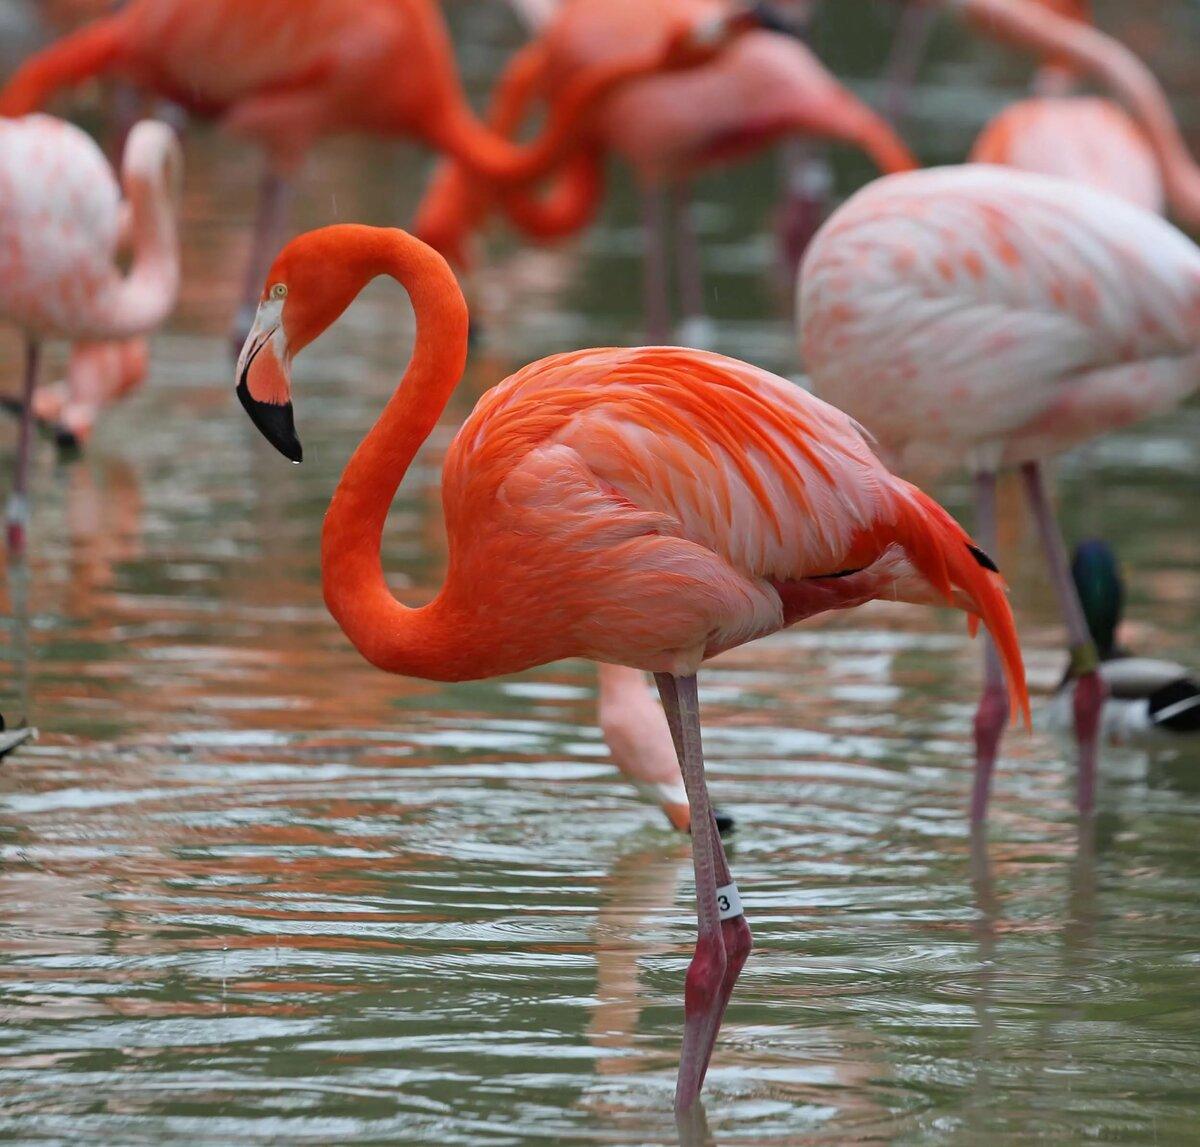 при картинки про фламинго лучше всего хранить